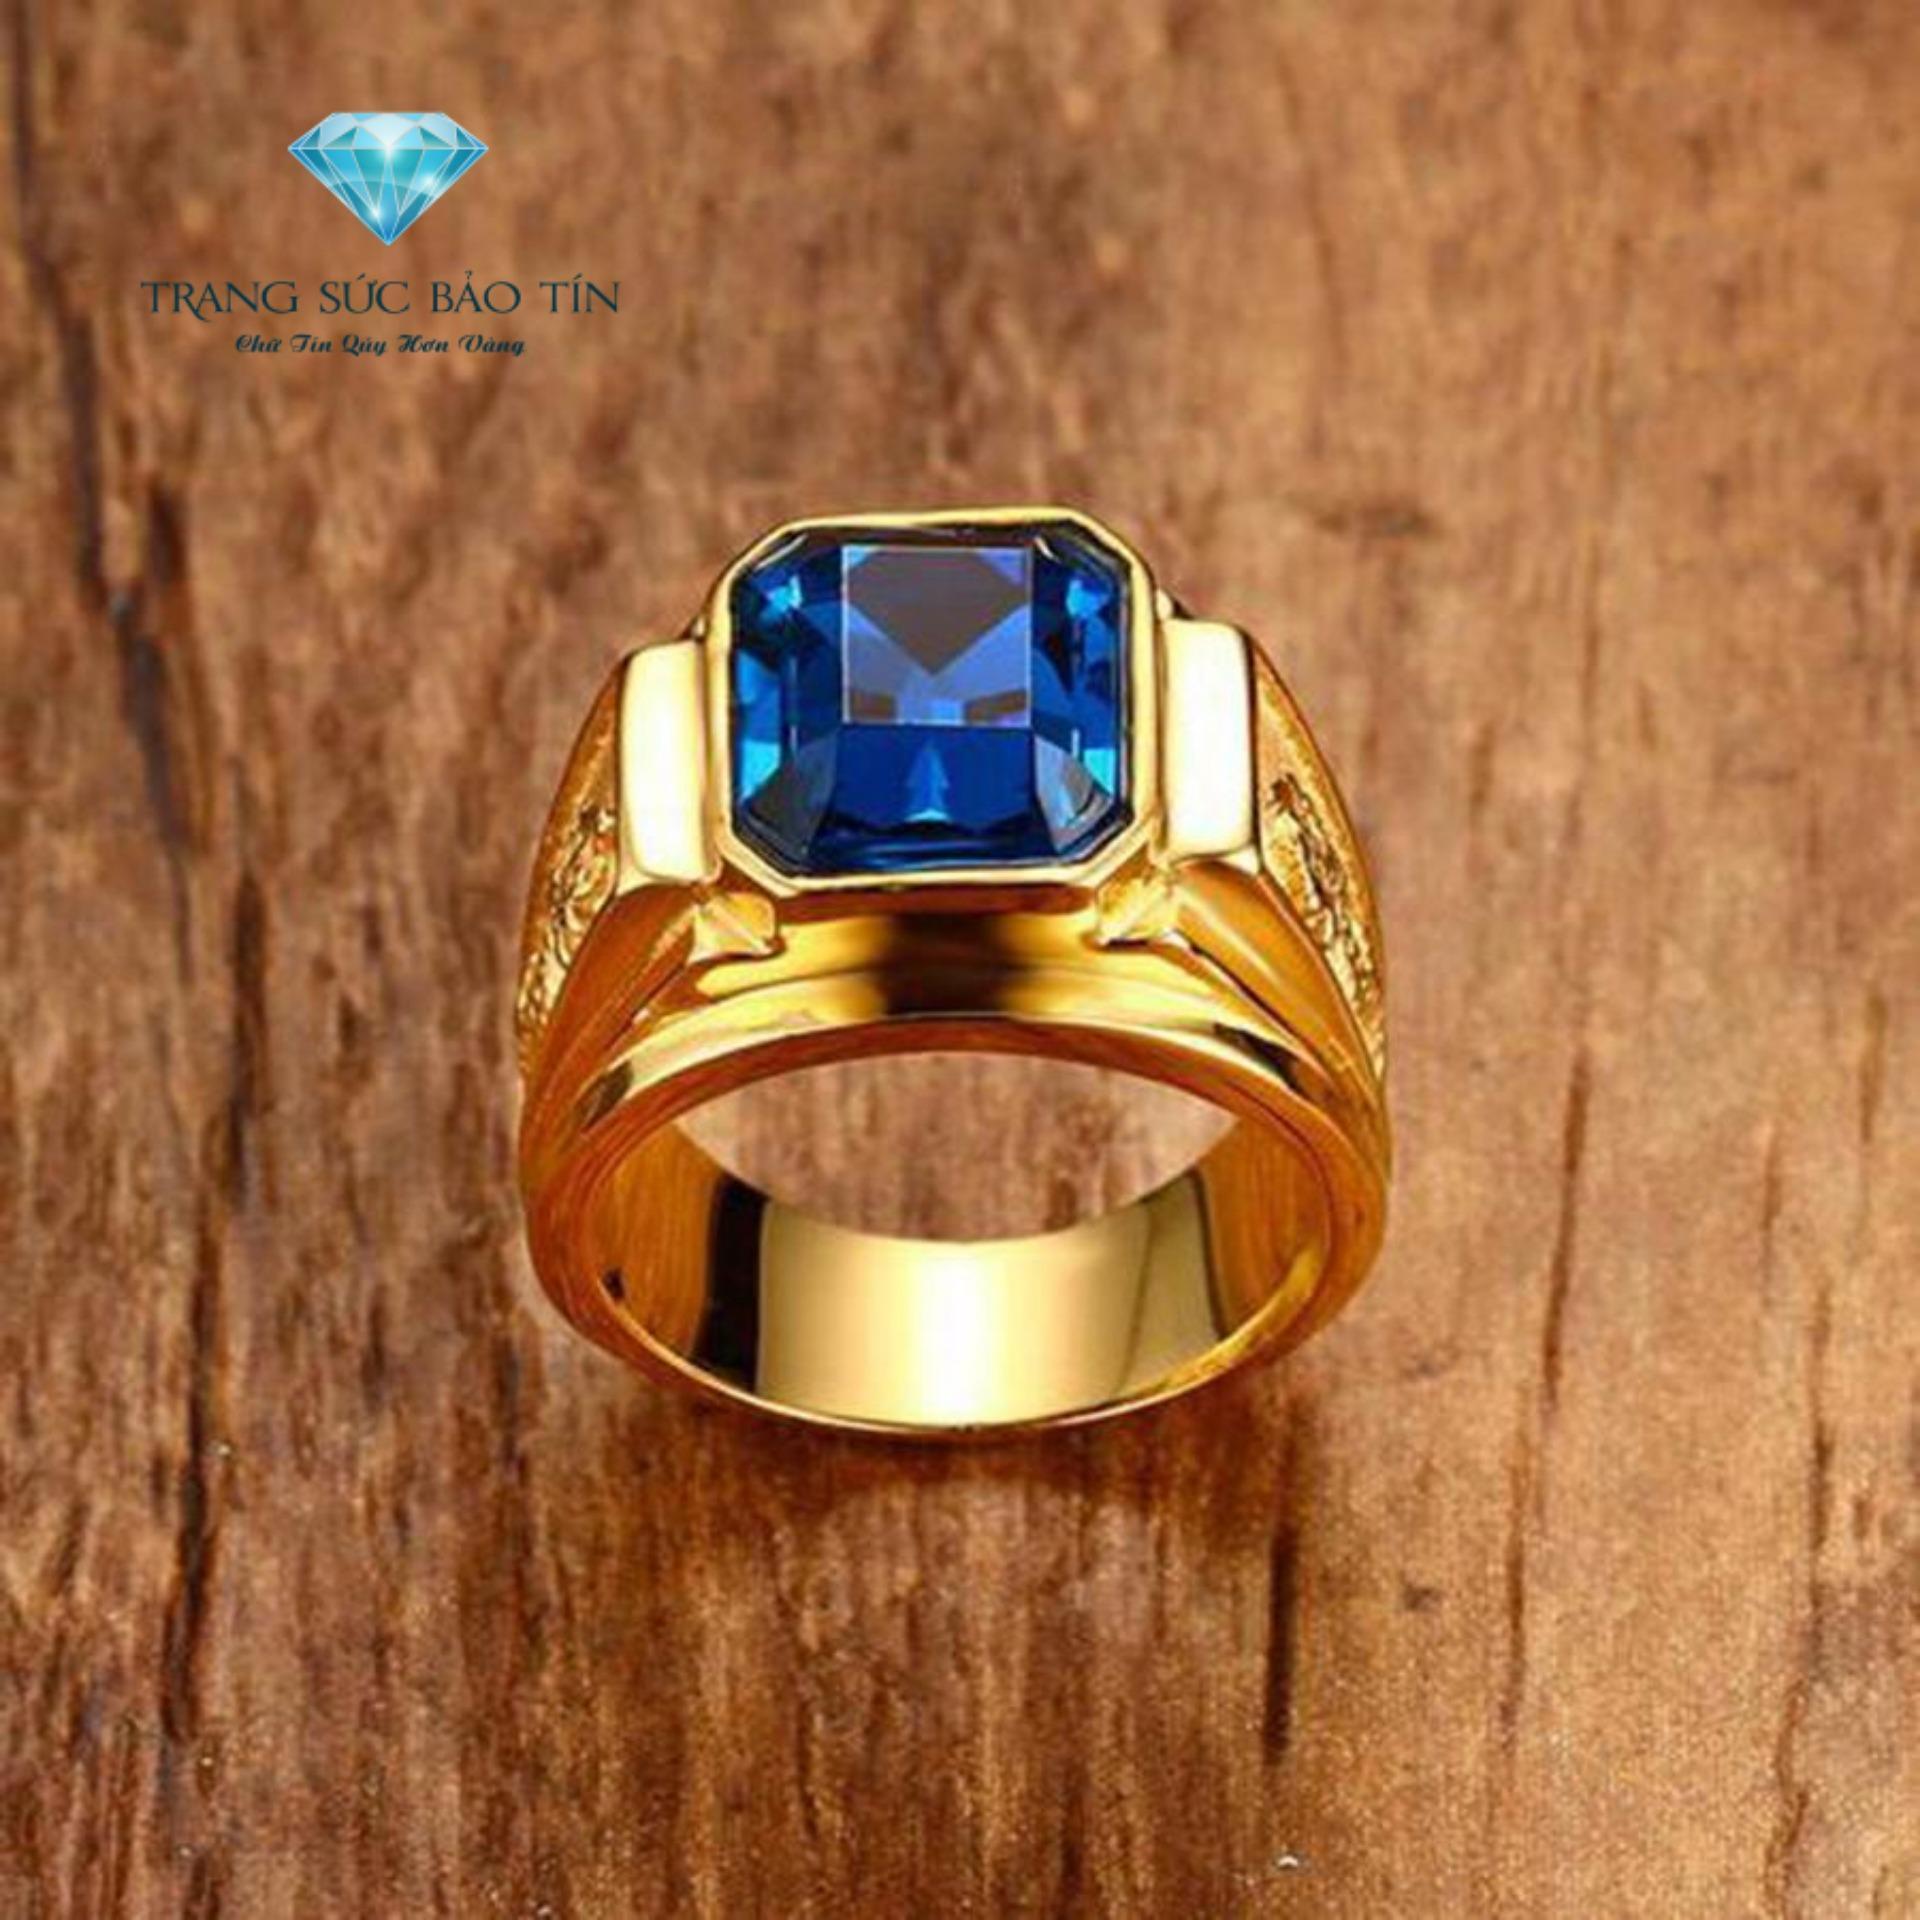 Nhẫn Nam Rồng Vàng Chất Liệu Titan Mạ Vàng 18K Cao Cấp Cho Nam (xanh dương)